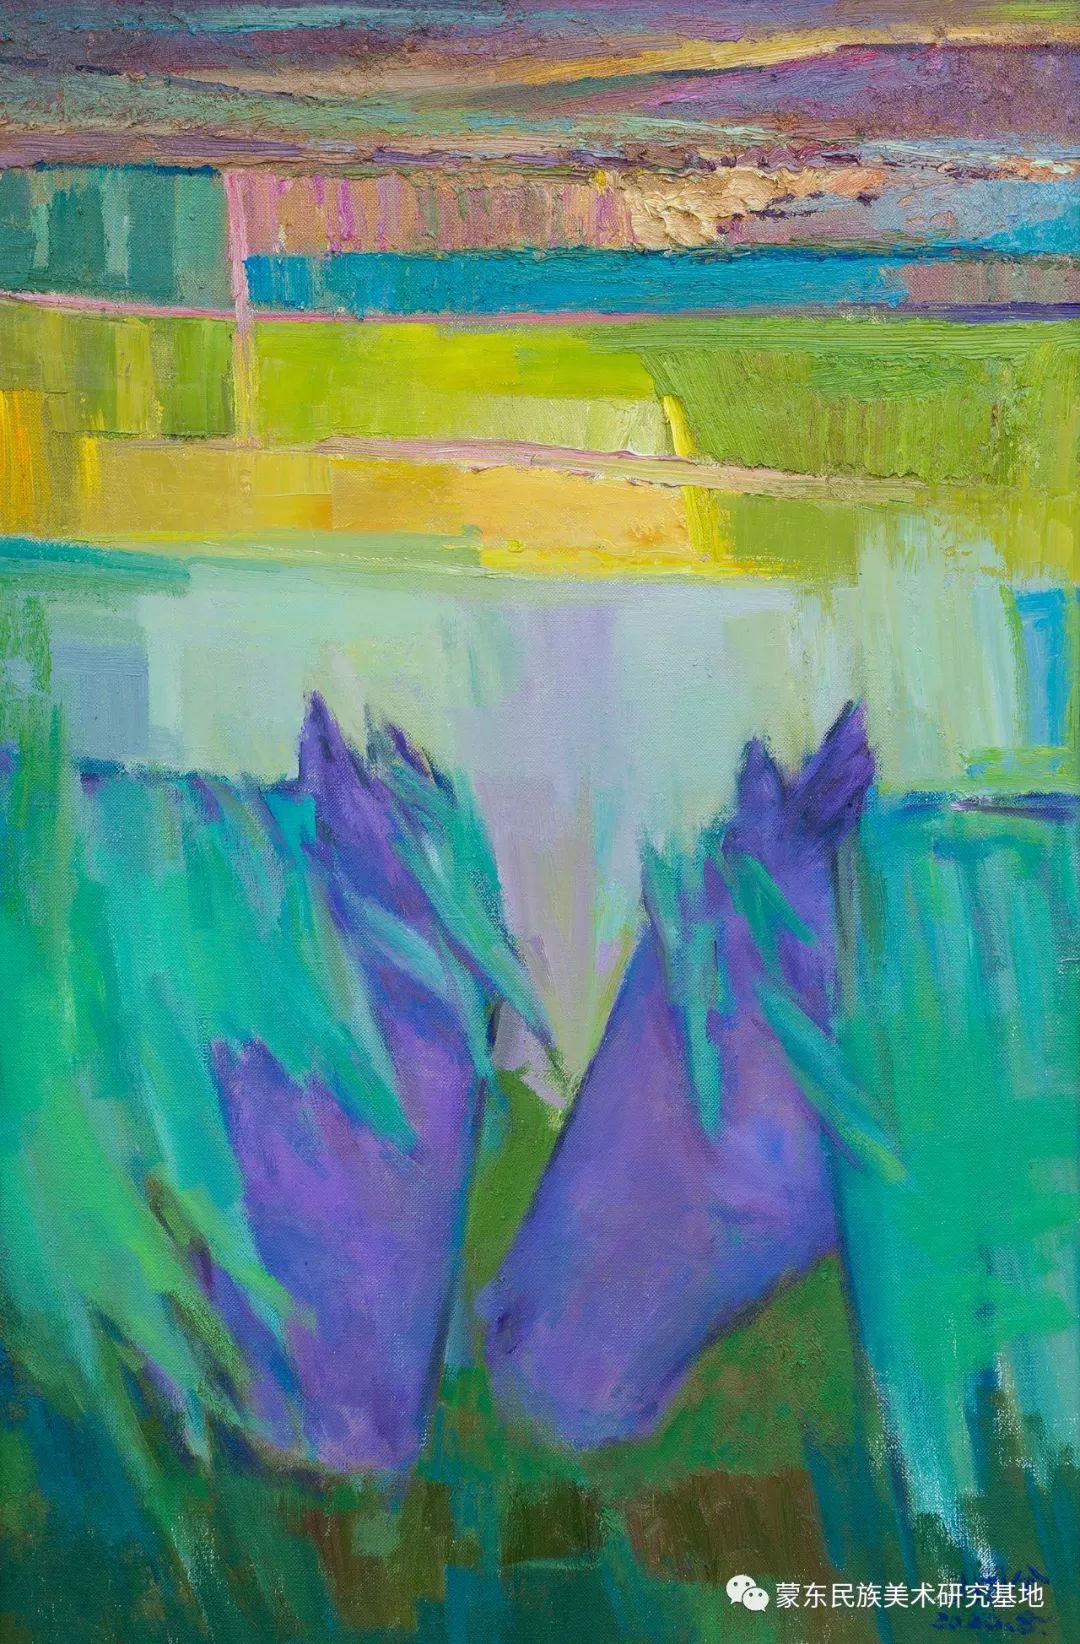 科尔沁首届油画展作品集 第20张 科尔沁首届油画展作品集 蒙古画廊